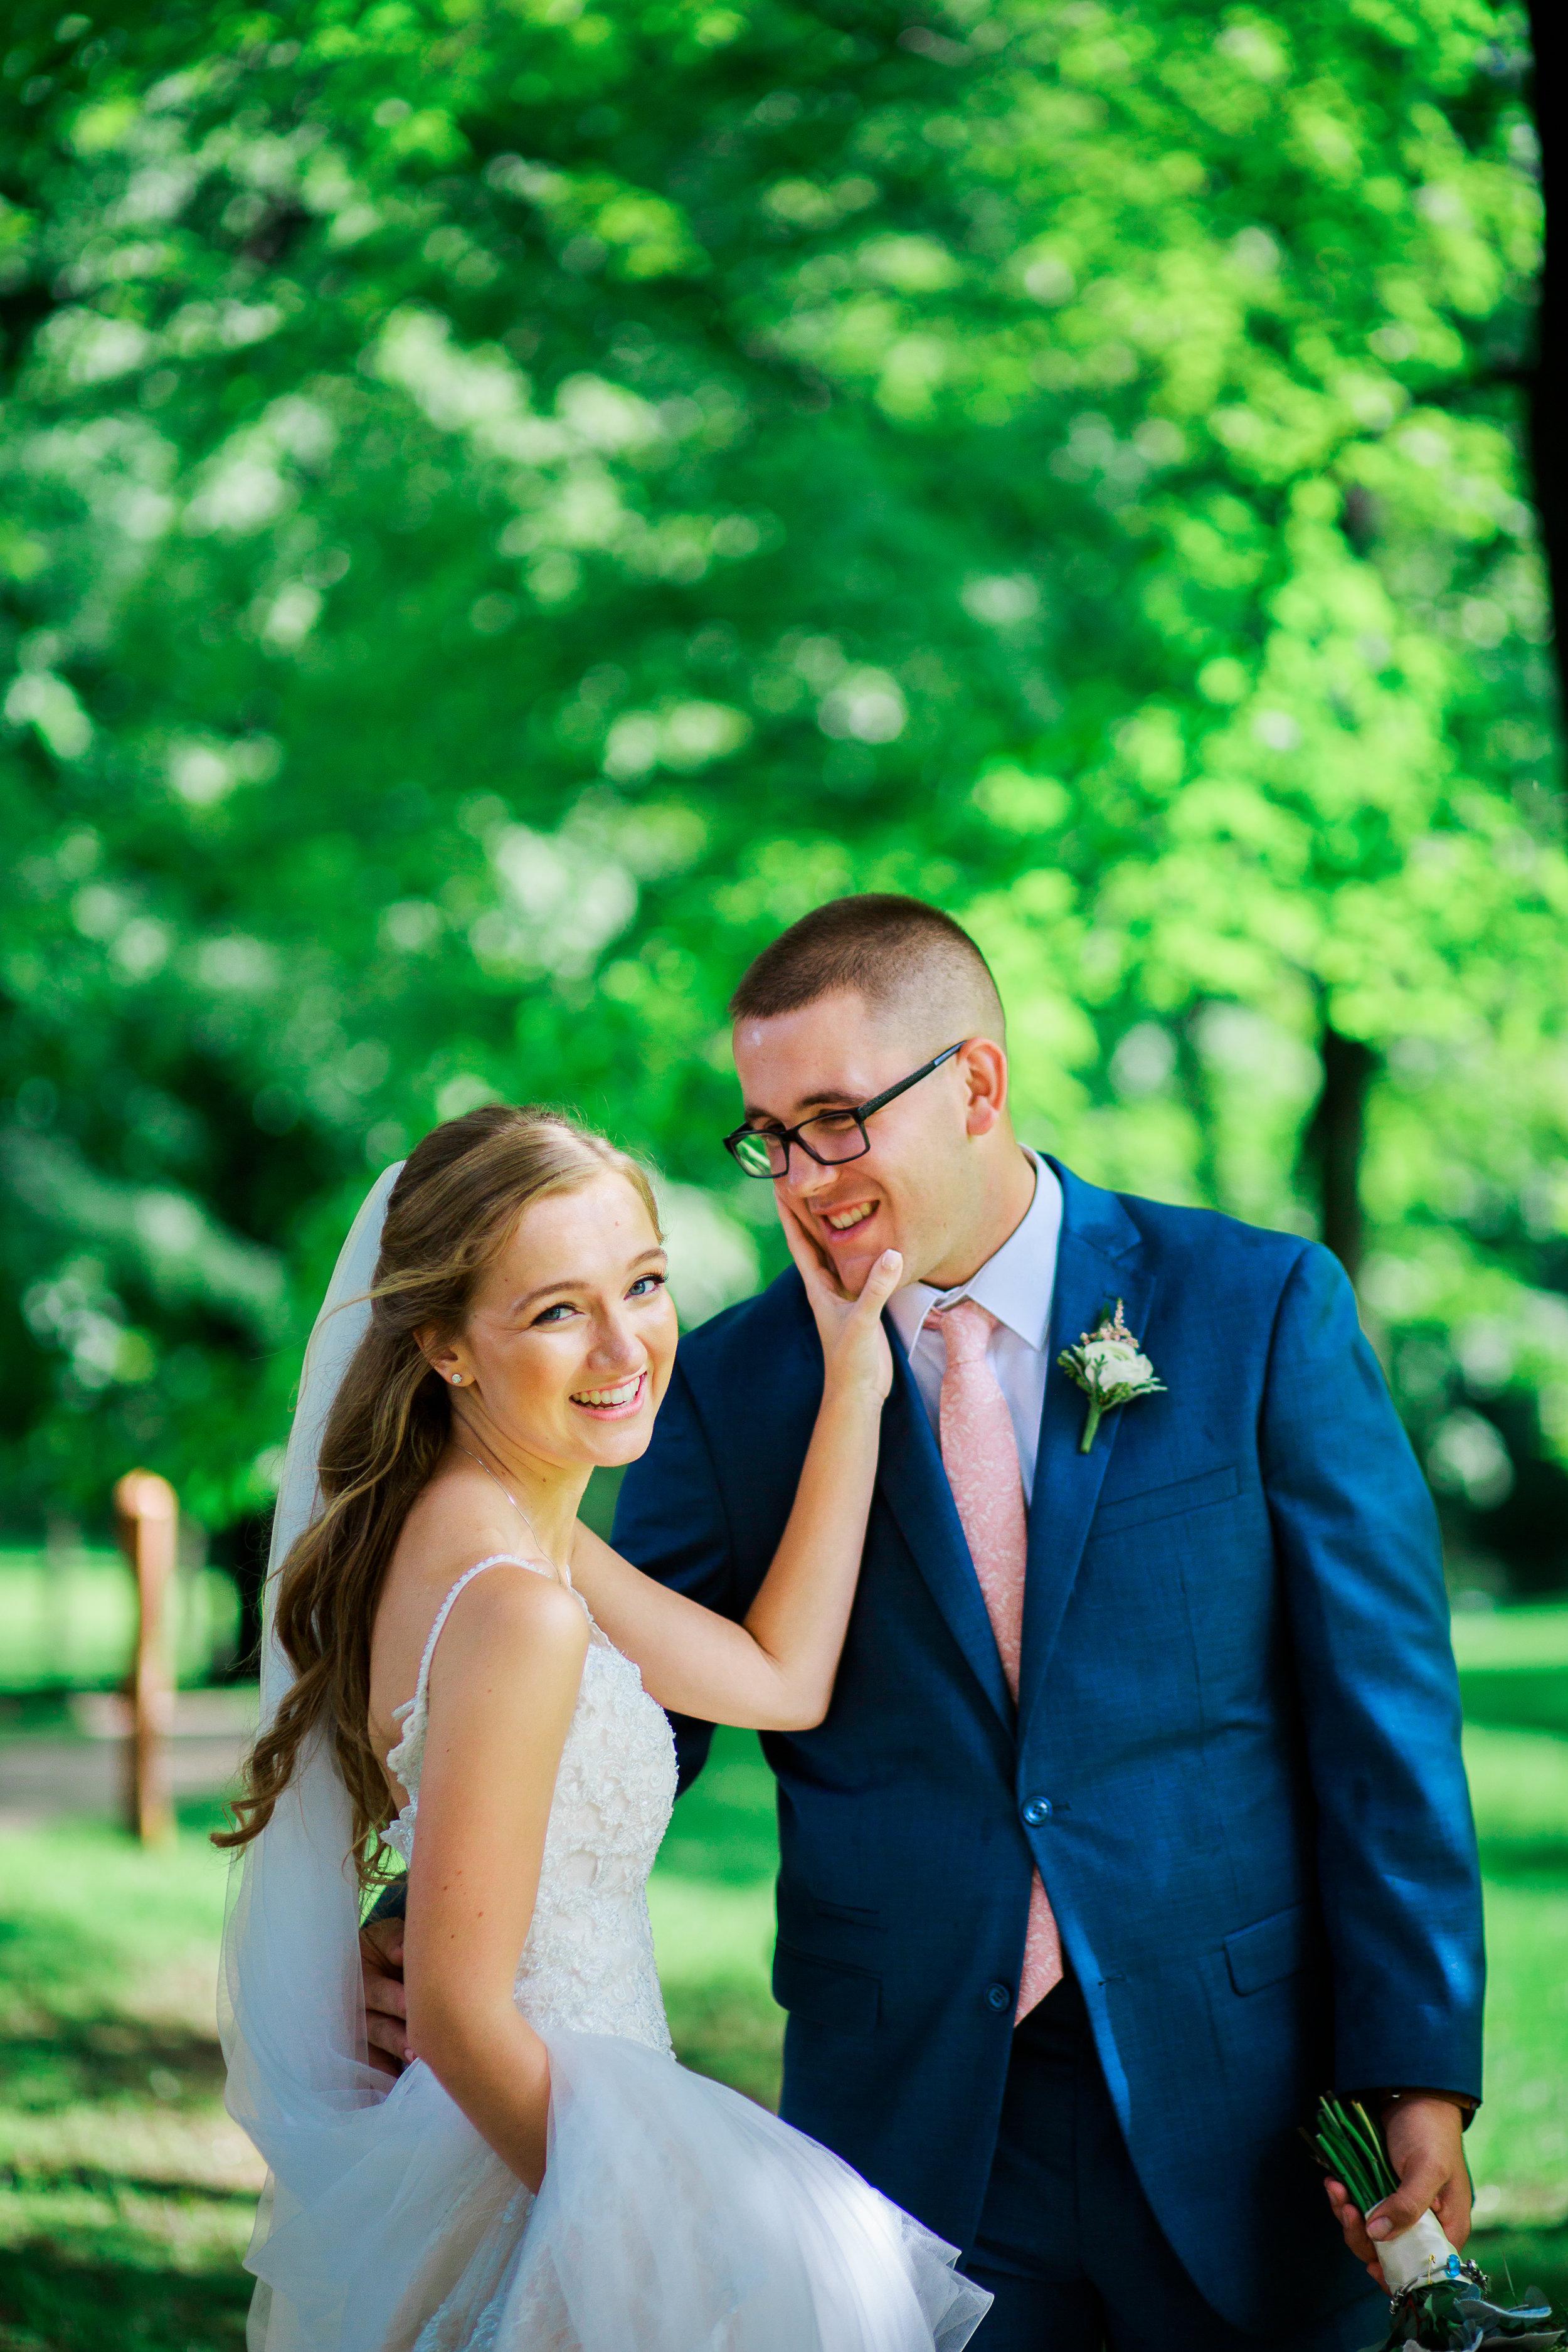 McCoy Wedding 2018 Sweet Alice Photography-585.jpg